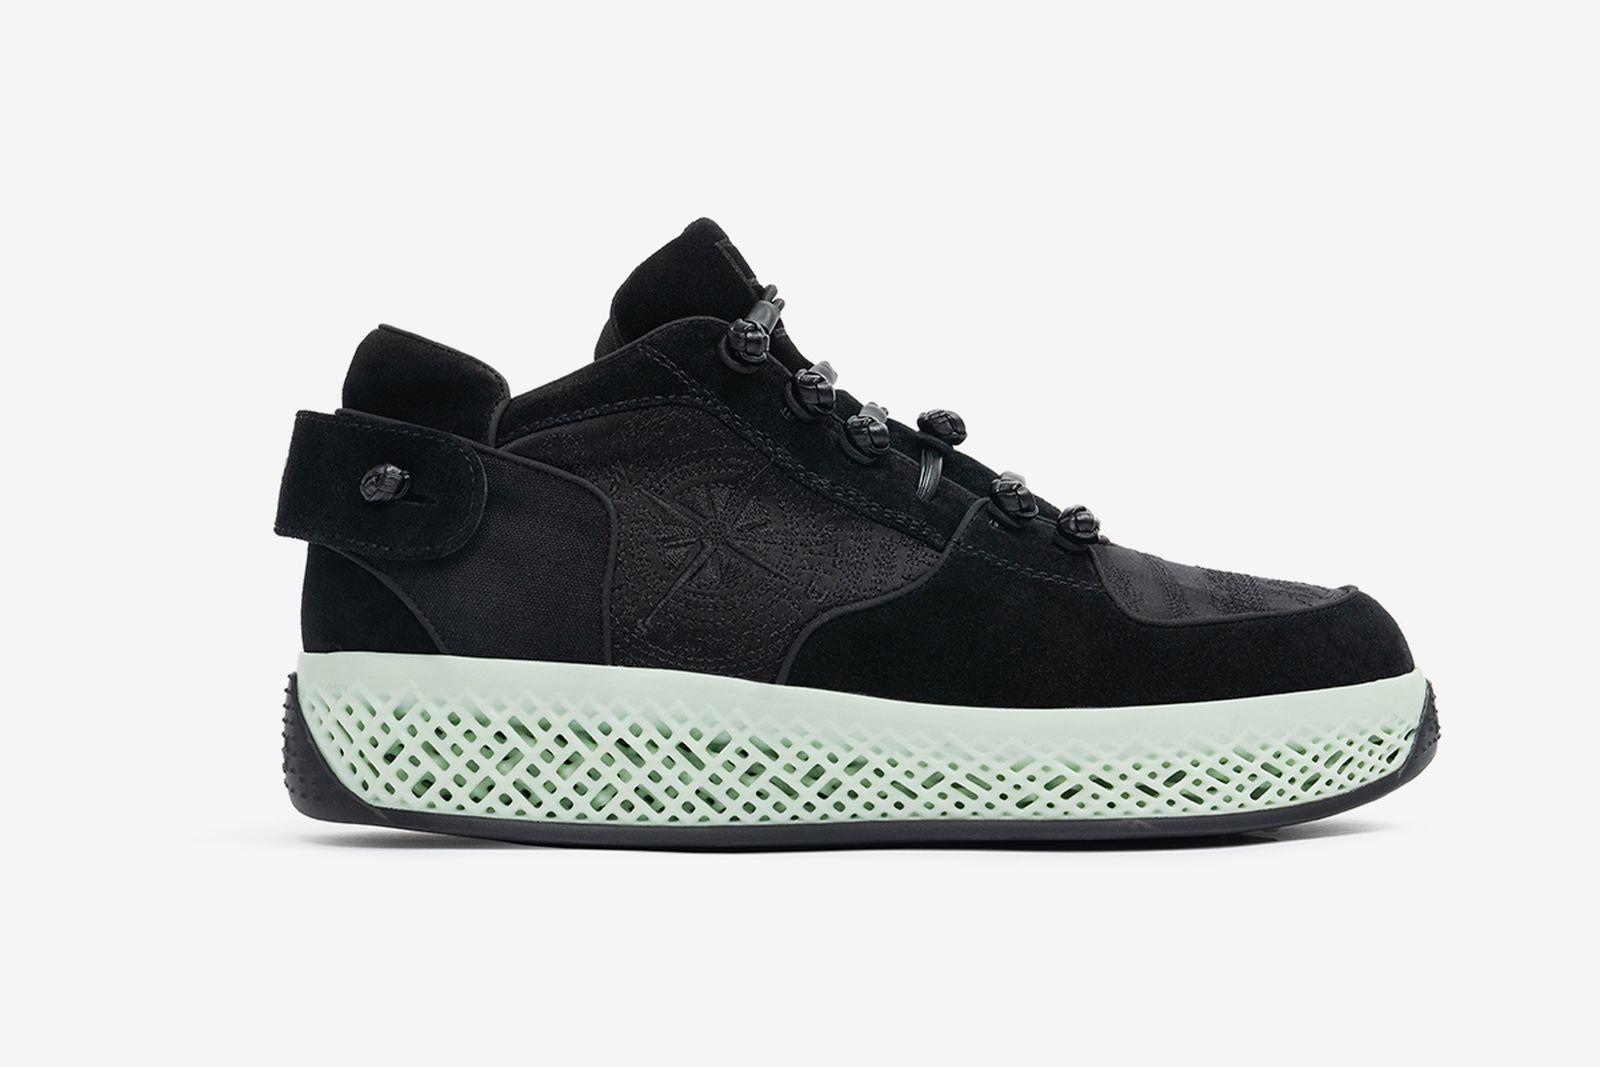 shang-zia-shuneaker-release-date-price-03